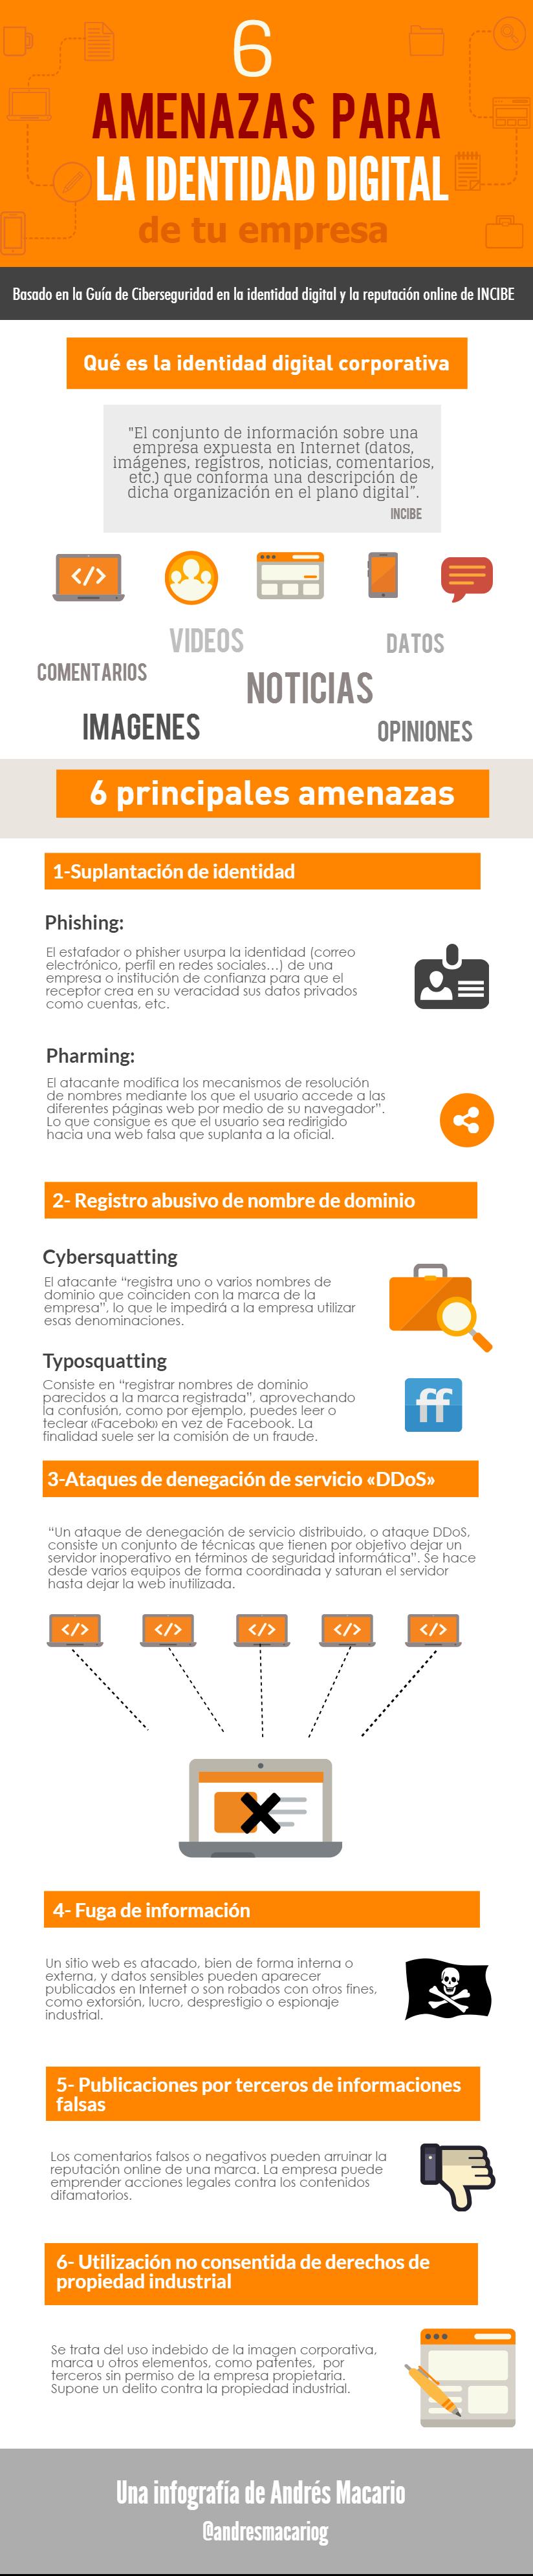 6 amenazas para la identidad digital de tu empresa - Infografia Andres Macario